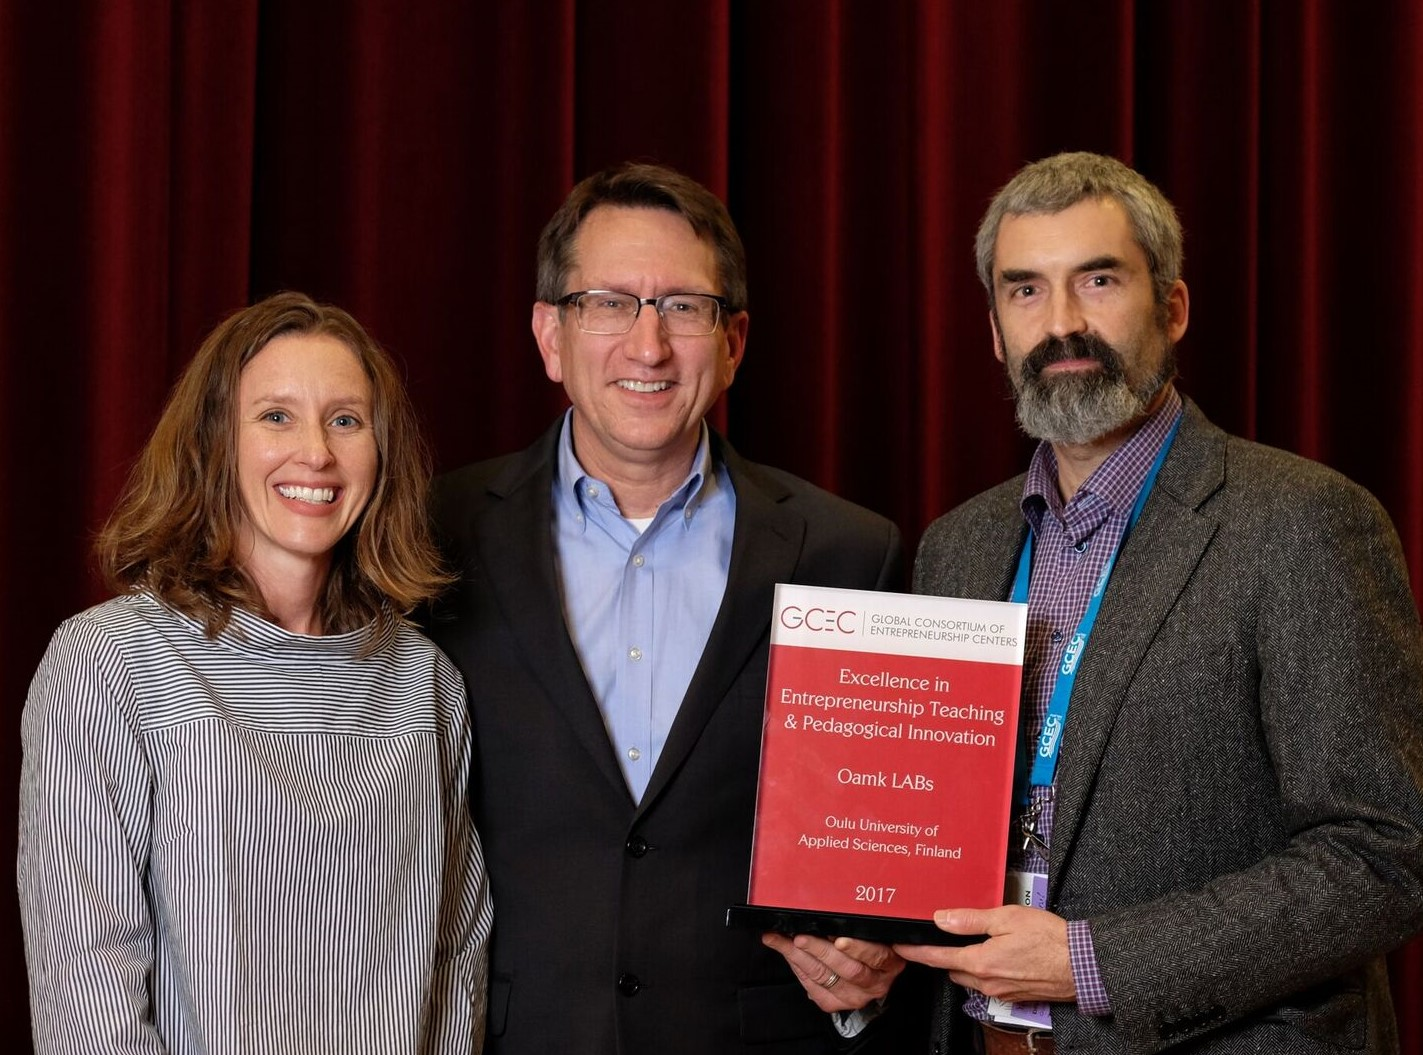 Kuvassa (vasemmalta oikealle): Elana Fine, University of Maryland (puheenjohtaja, GCEC Awards Committee), Brad Burke, Rice University (puheenjohtaja, GCEC Executive Committee) ja Oamk LABsin kv-koordinaattori Blair Stevenson vastaanottamassa palkintoa.